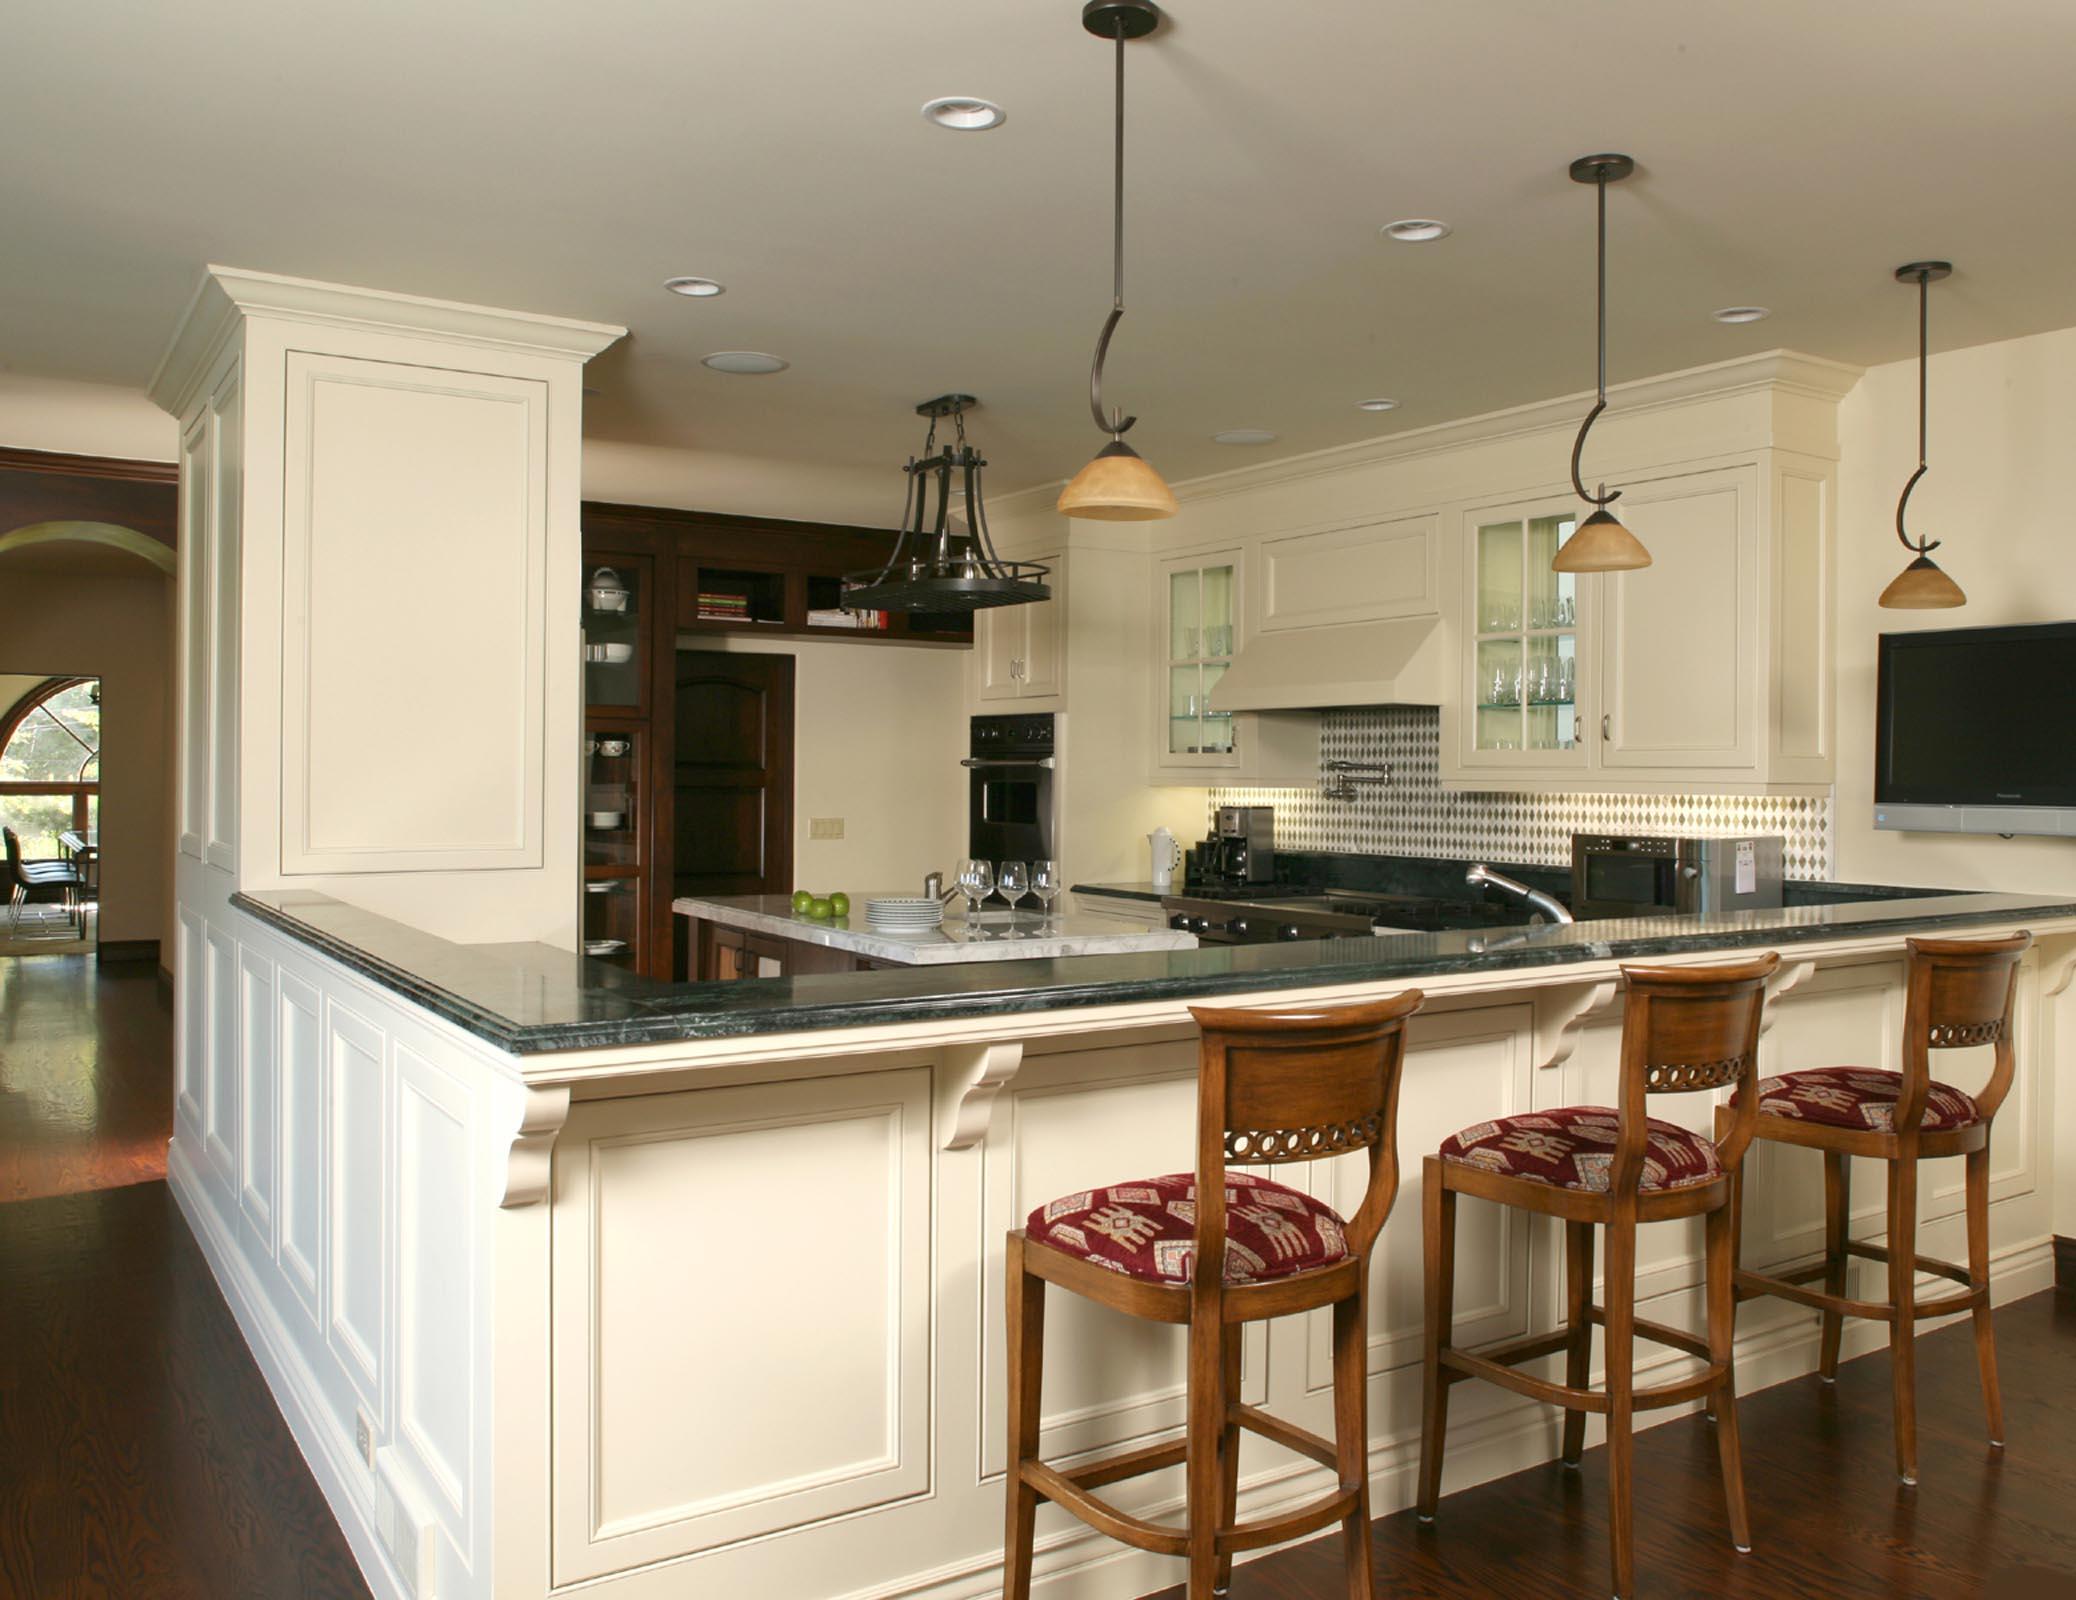 Doheny_kitchen.jpg